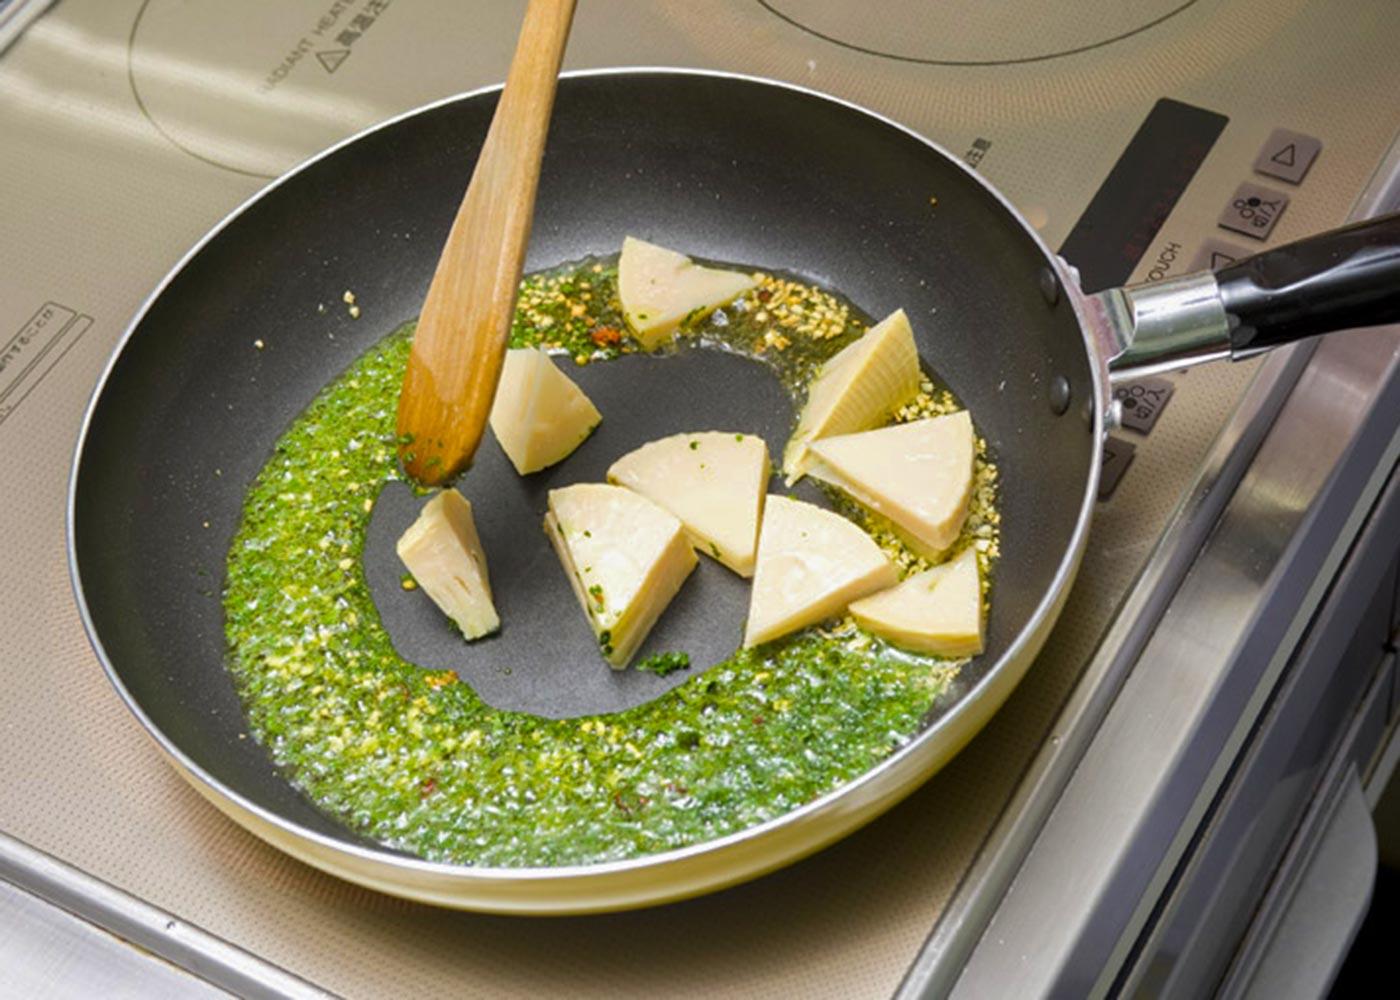 フライパンにオリーブ油、にんにく、赤唐辛子を入れ、弱火にかける。